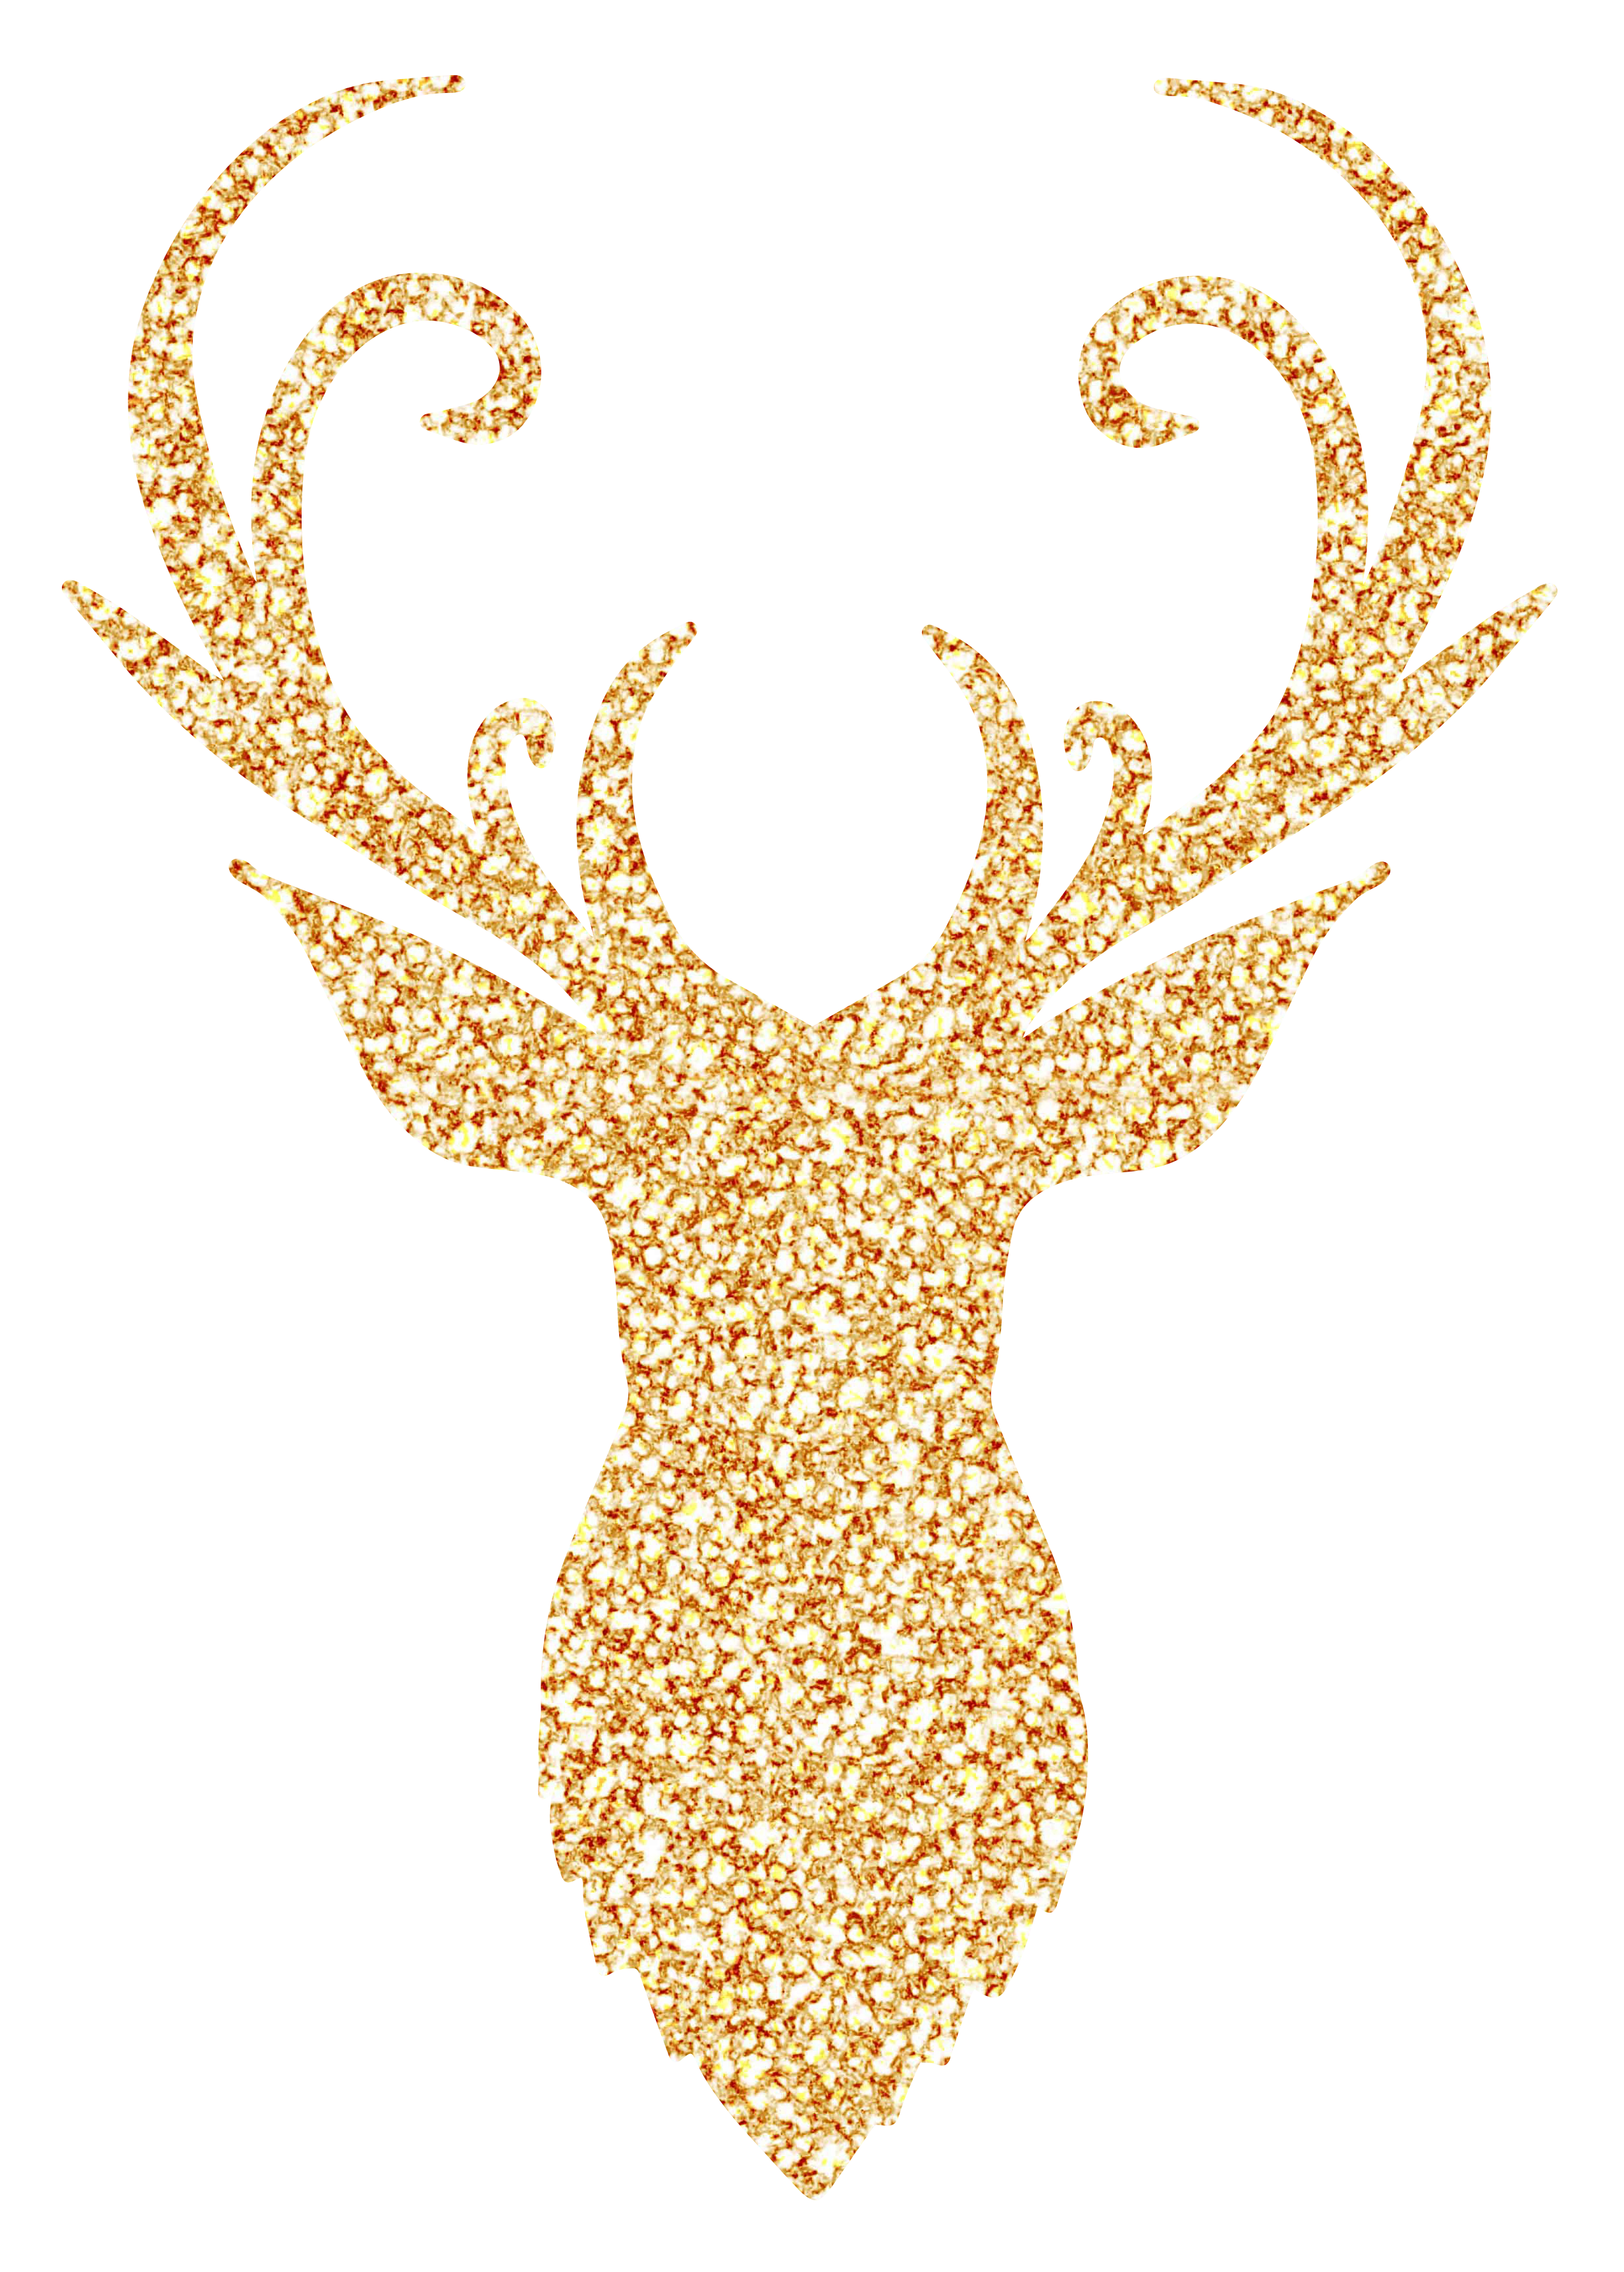 Pin On Cricut Designs